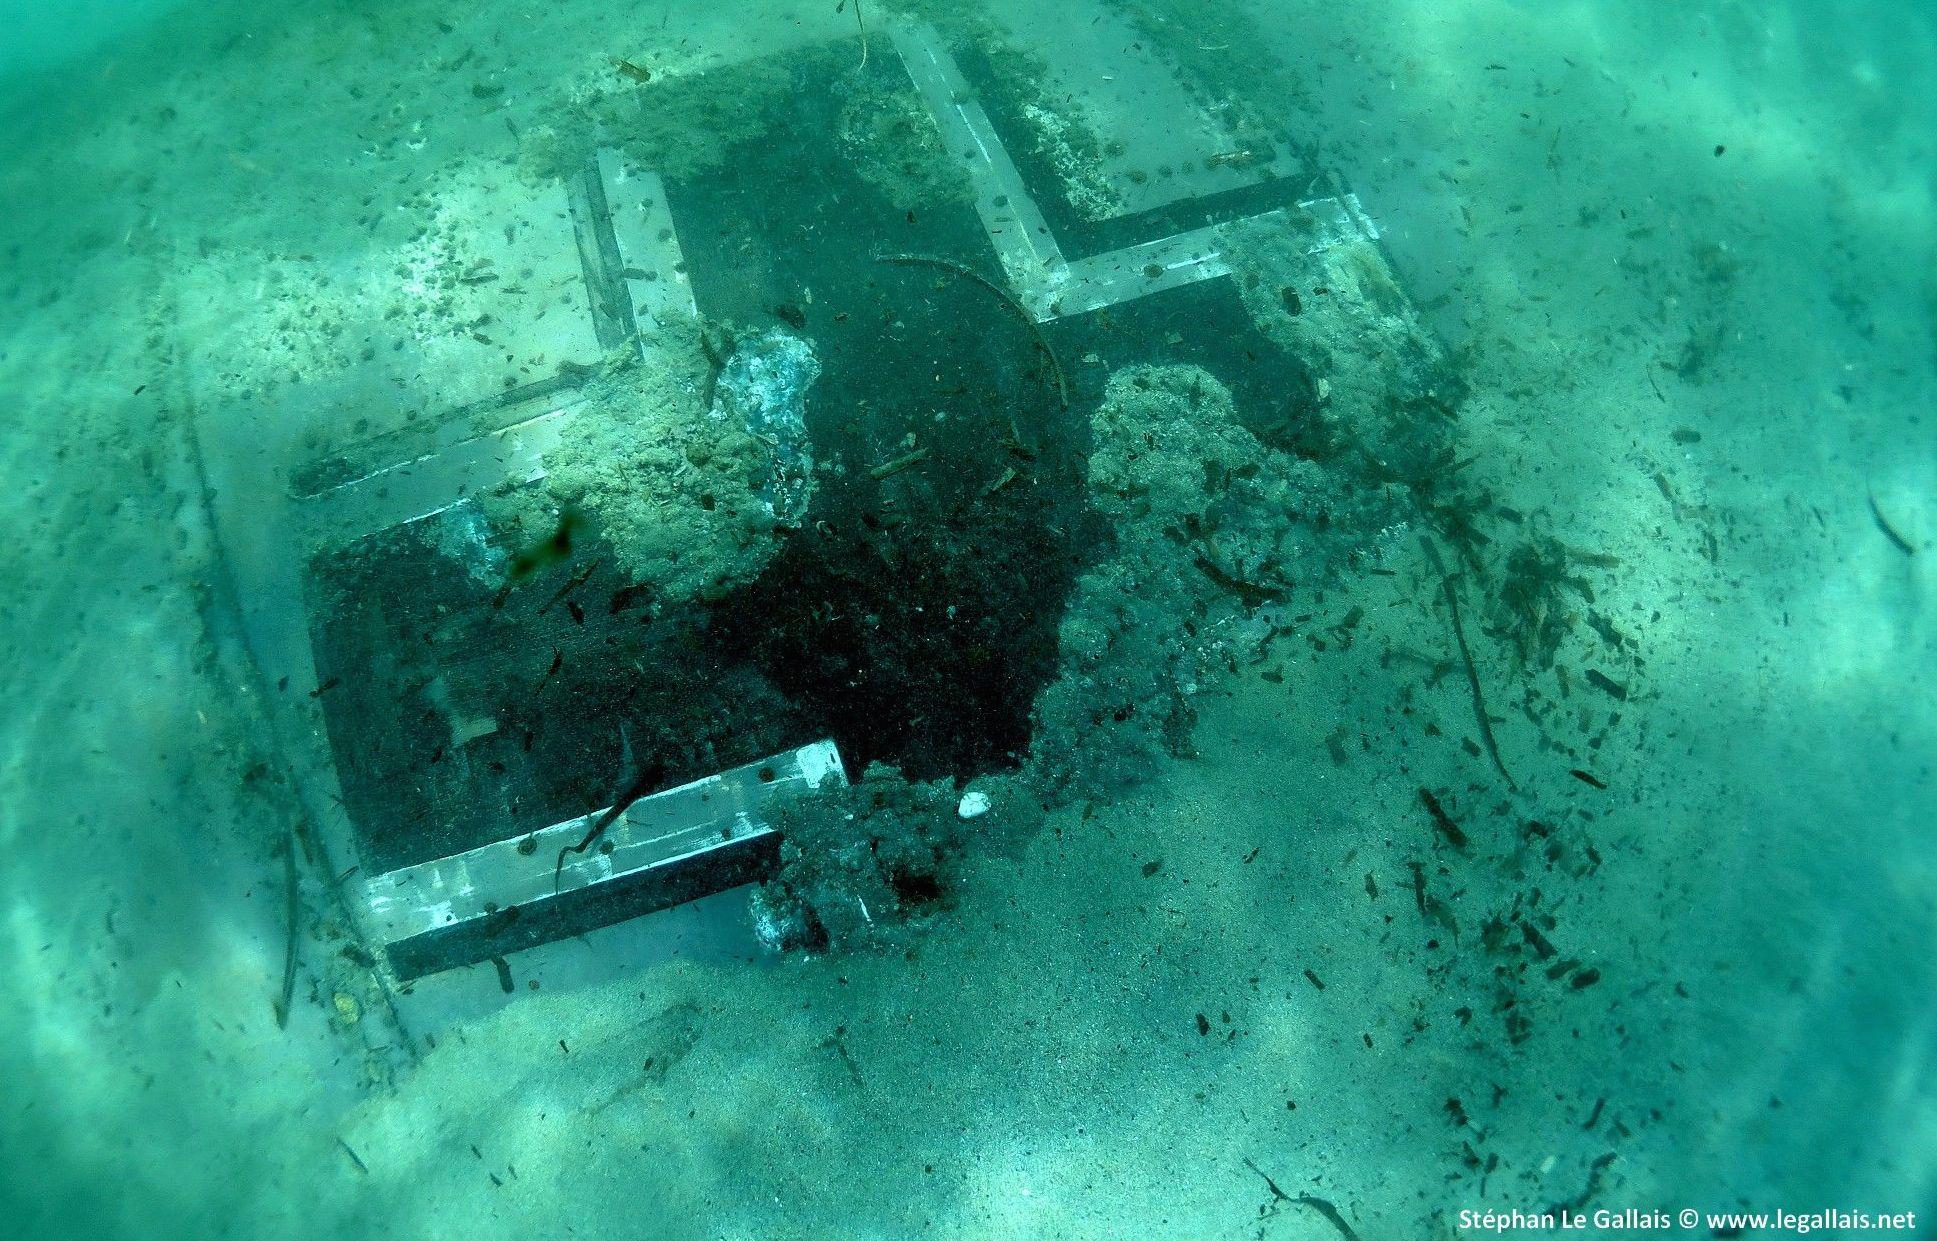 Bastia : La Croix de la Luftwaffe intacte sur l'aile du Junkers 90